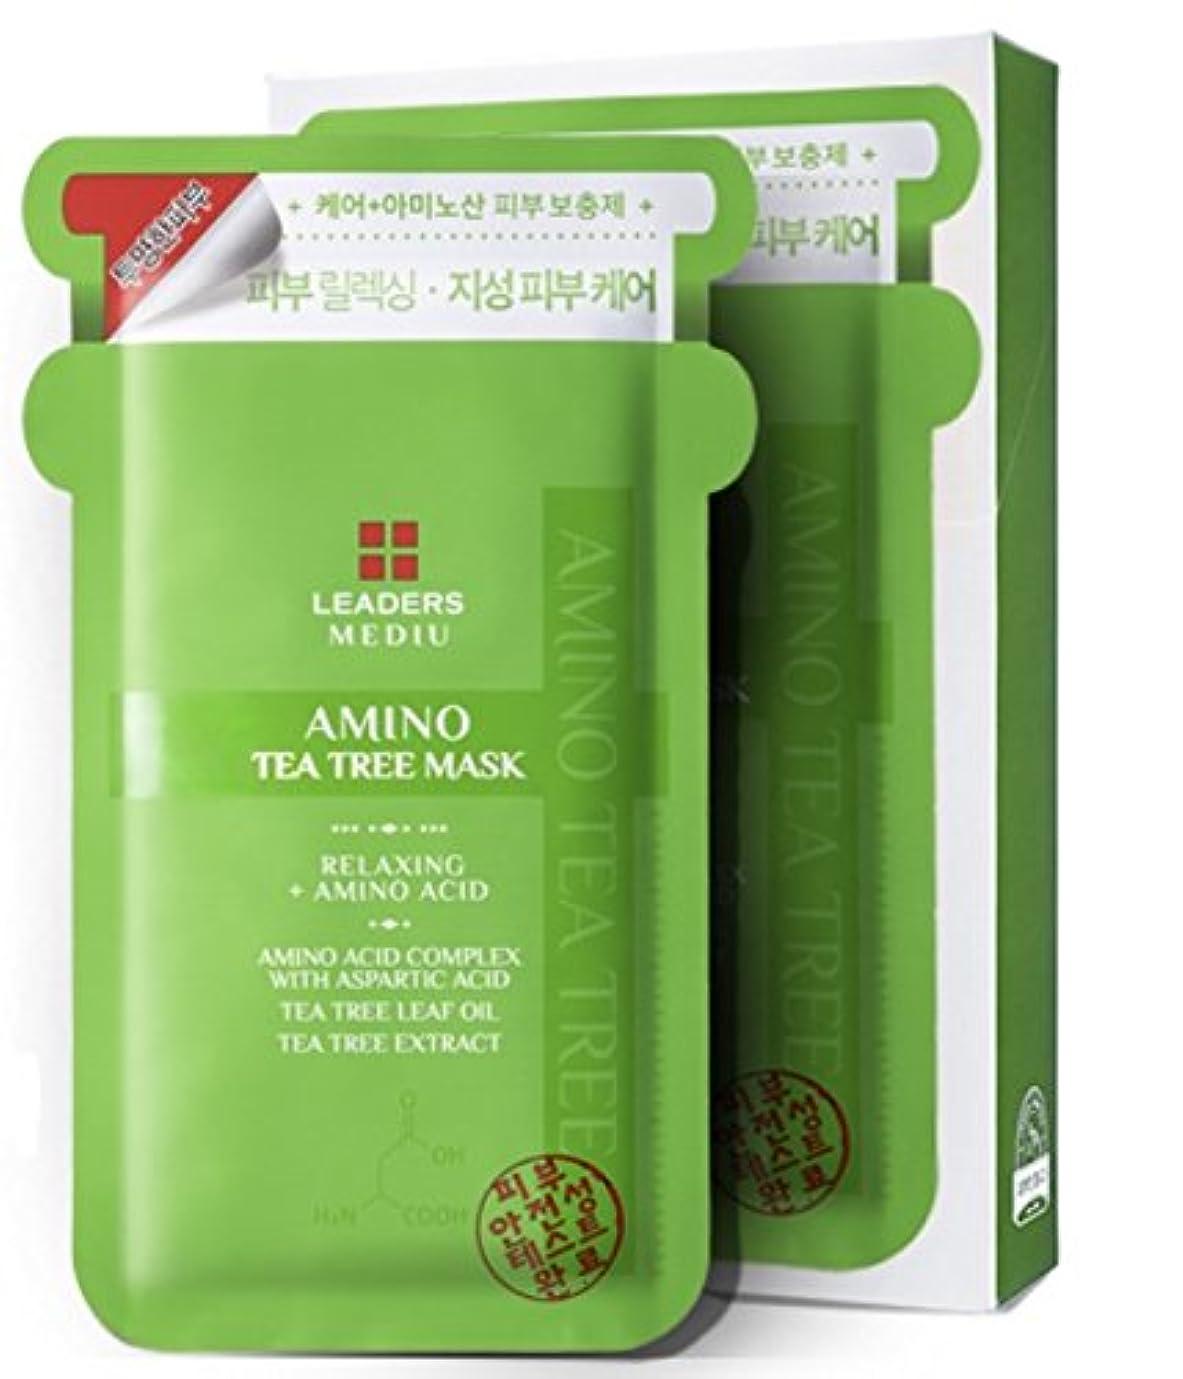 オートマトンルールメアリアンジョーンズ[LEADERS] リーダーズメディ有アミノティーツリーマスク 25ml x10枚 (LEADERS MEDIU Amino Tea Tree Mask 25mlx10ea) [海外直送品]